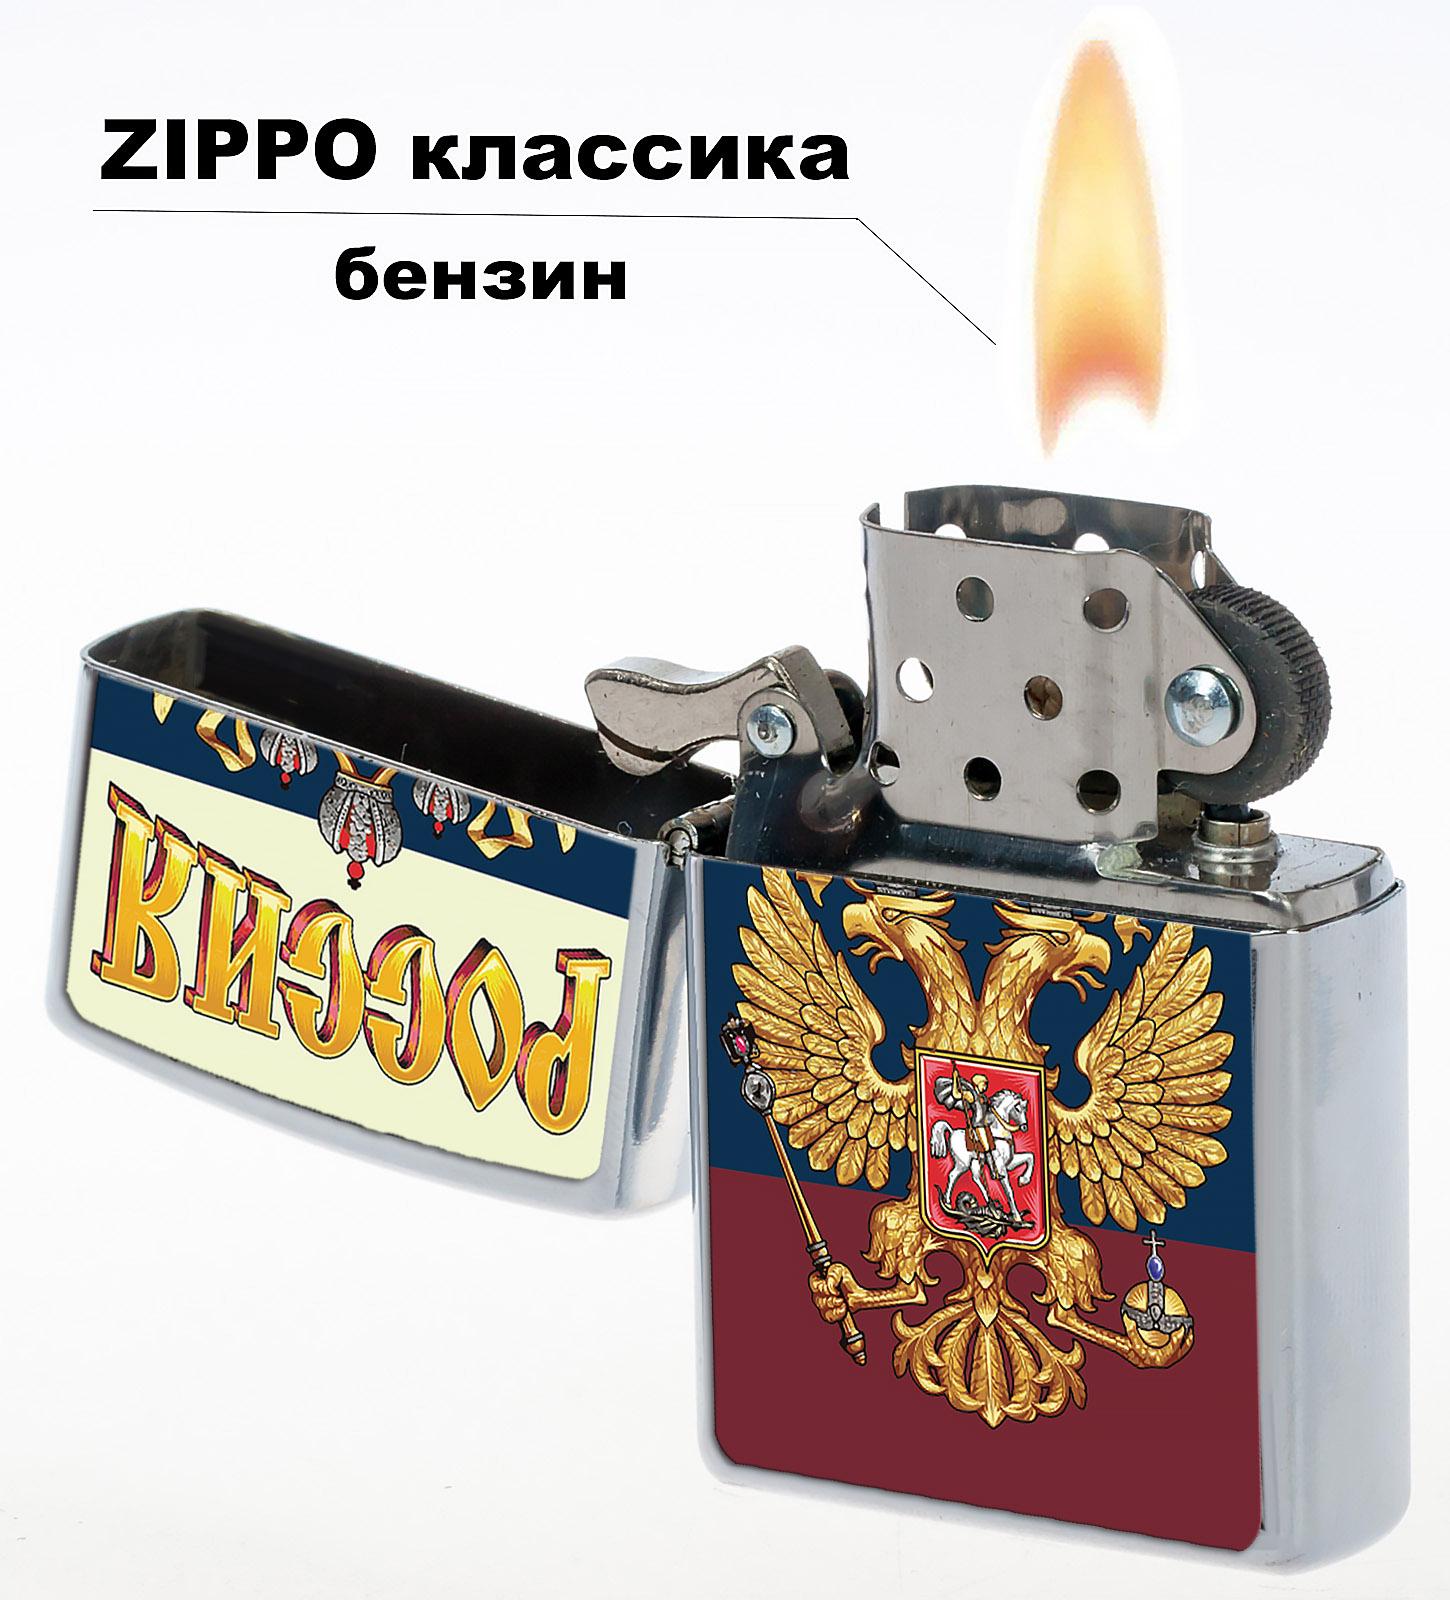 Патриотическая бензиновая зажигалка с гербом России от Военпро